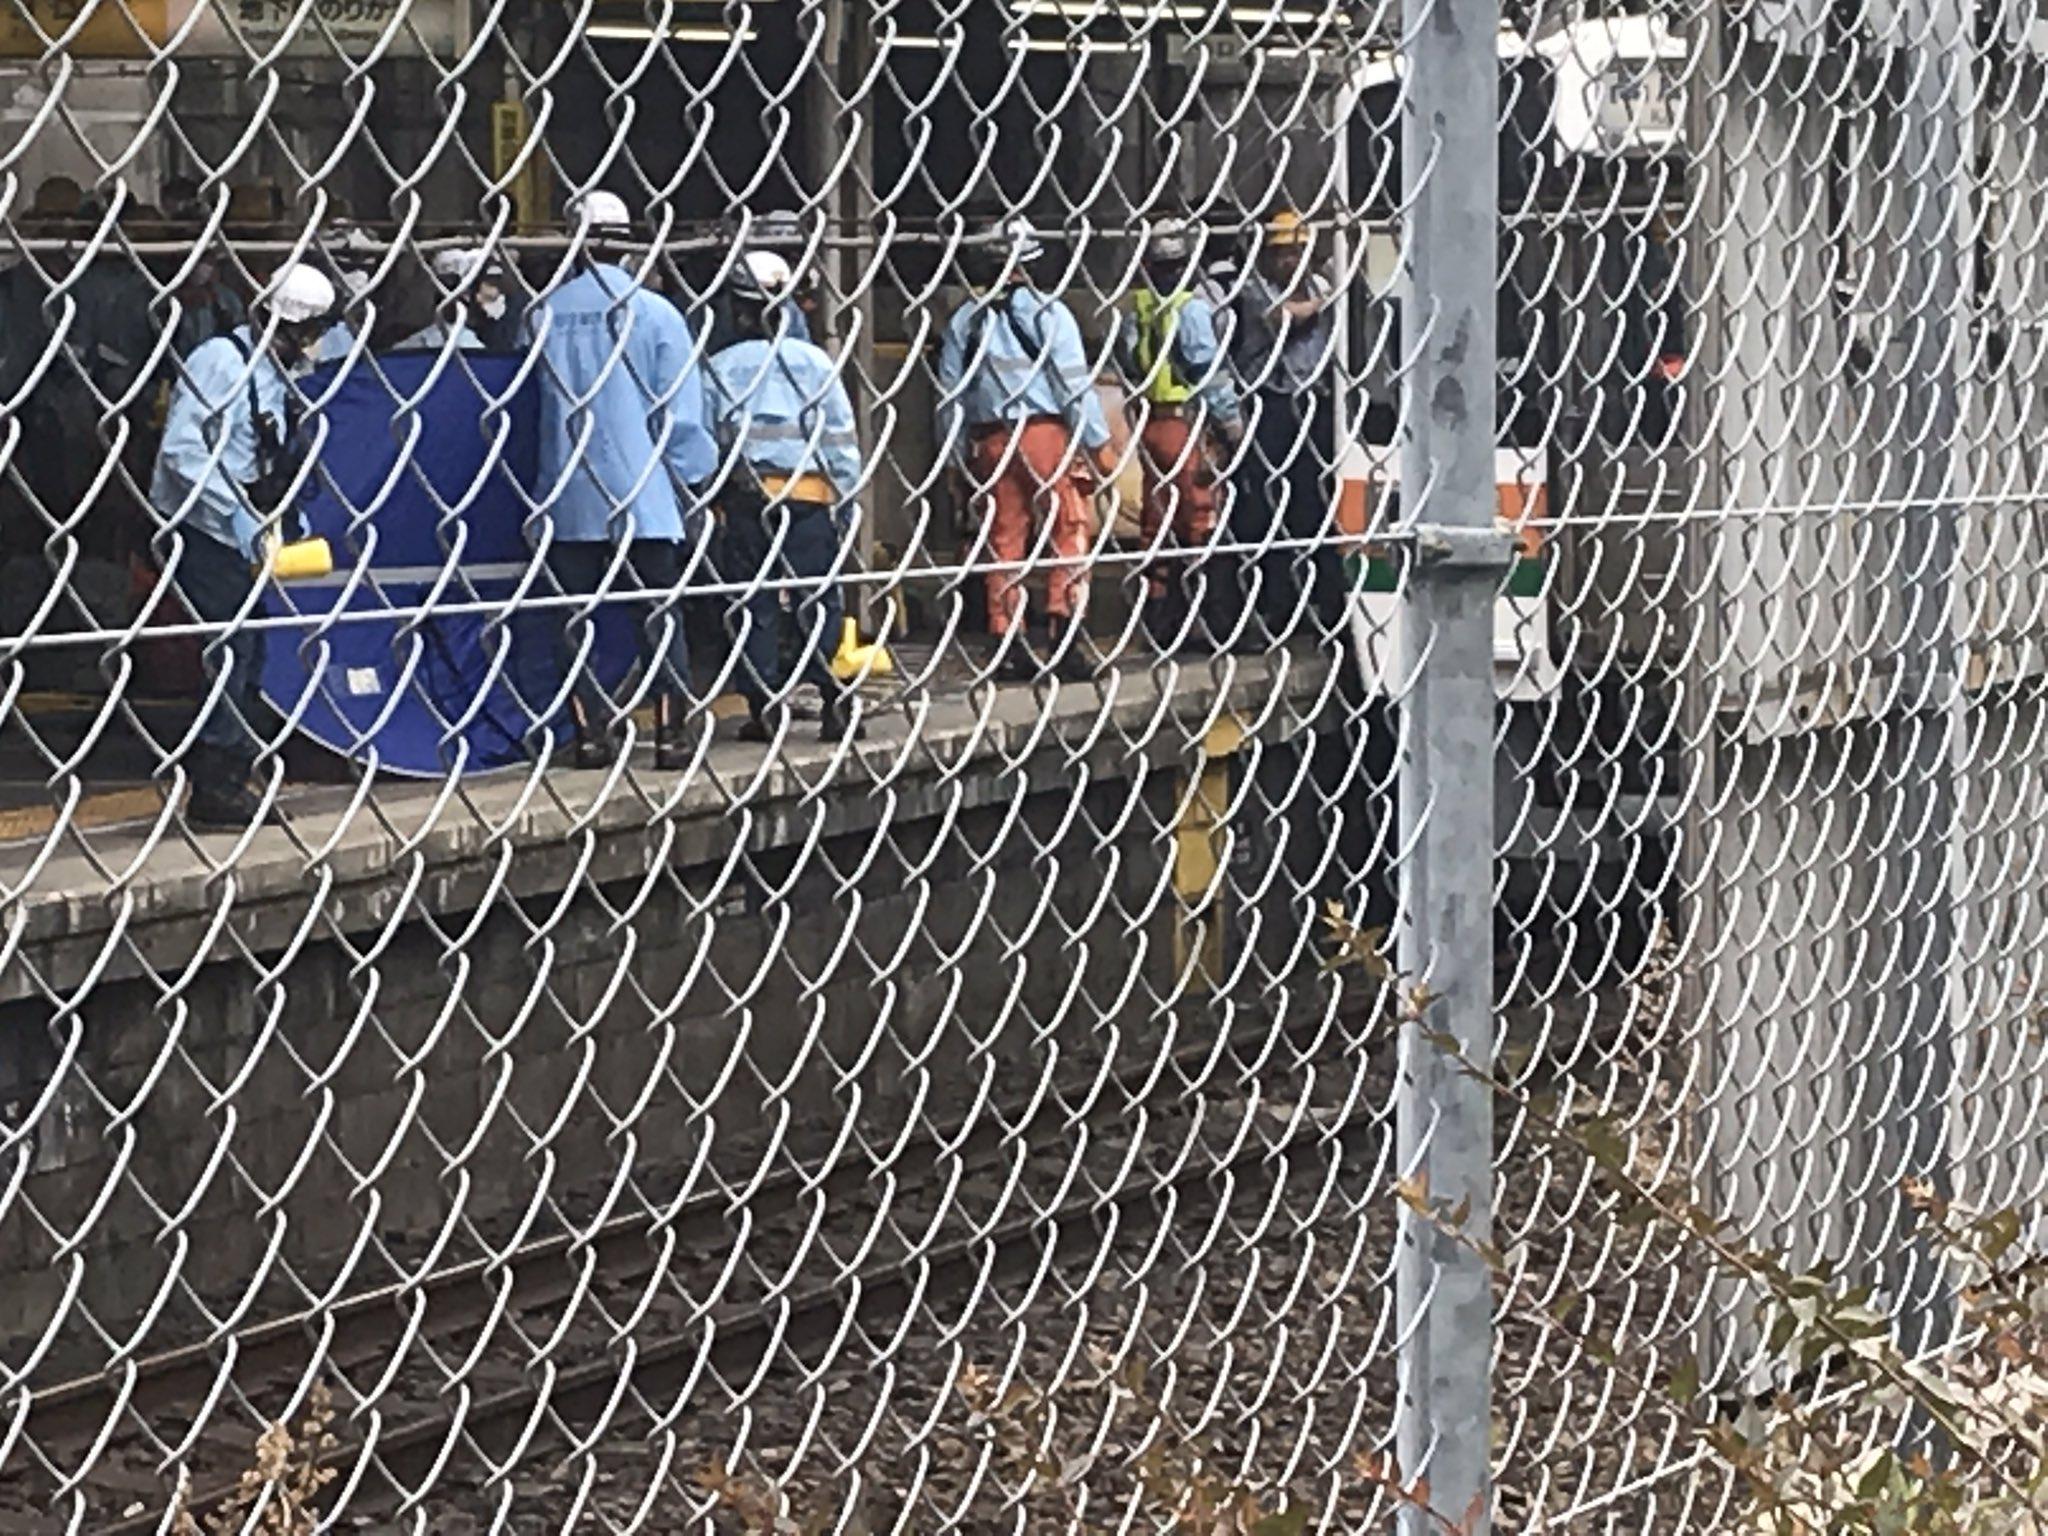 中央本線の千種駅で人身事故が起きた現場画像